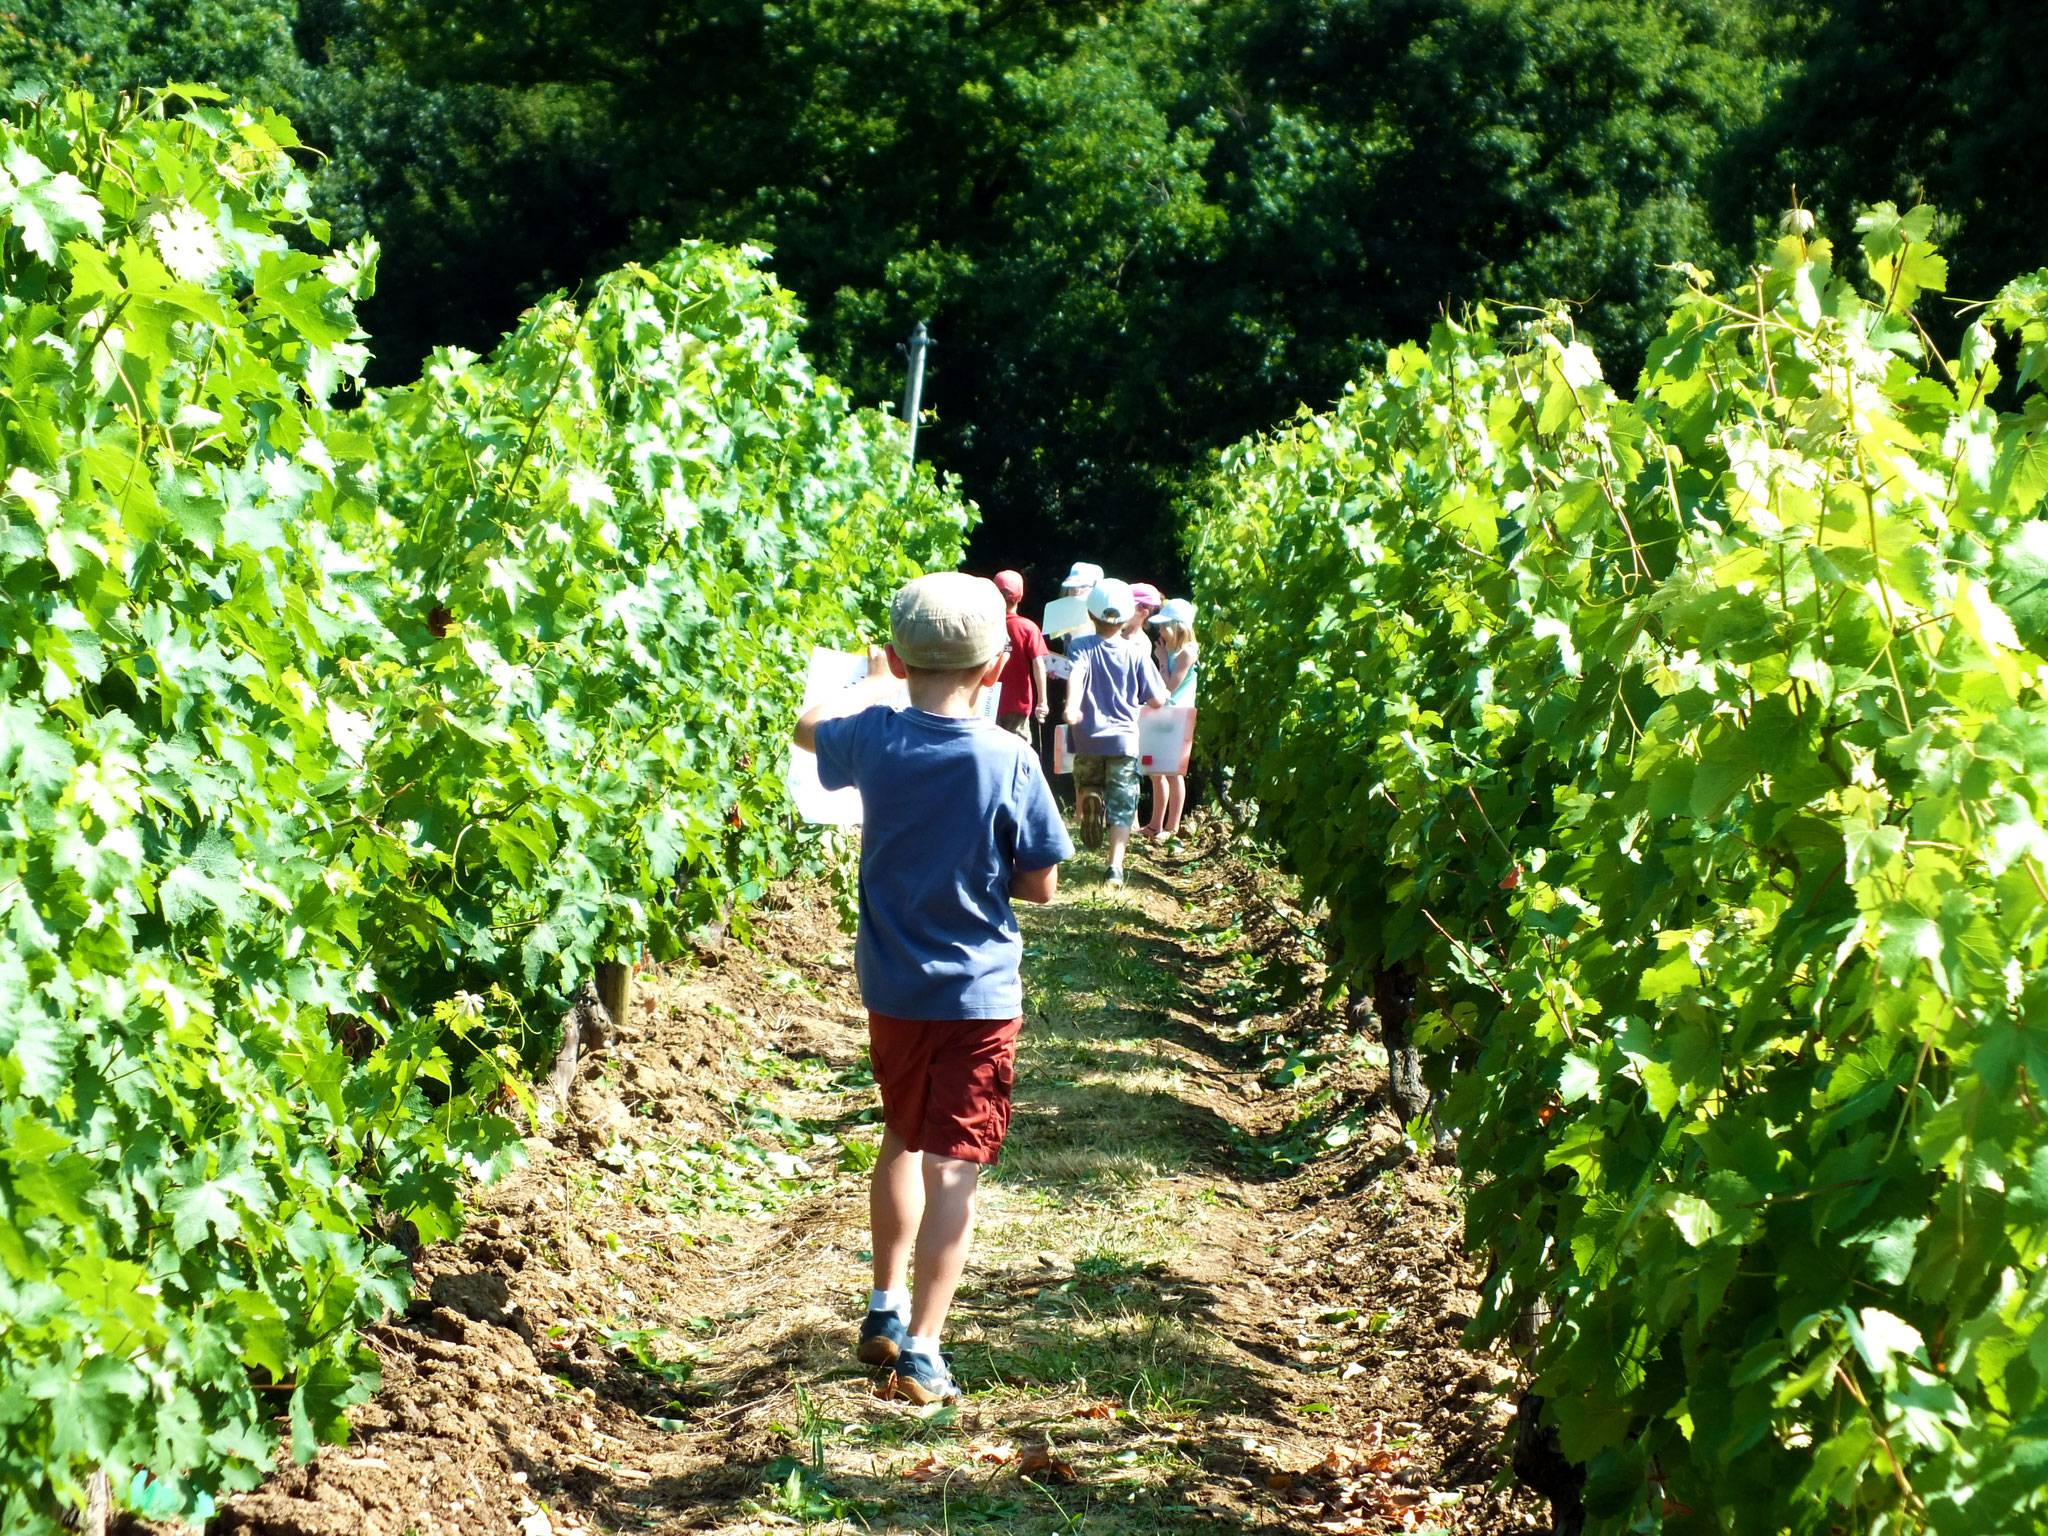 vendanges familles enfant parents adultes Musée vigne et vin d'Anjou